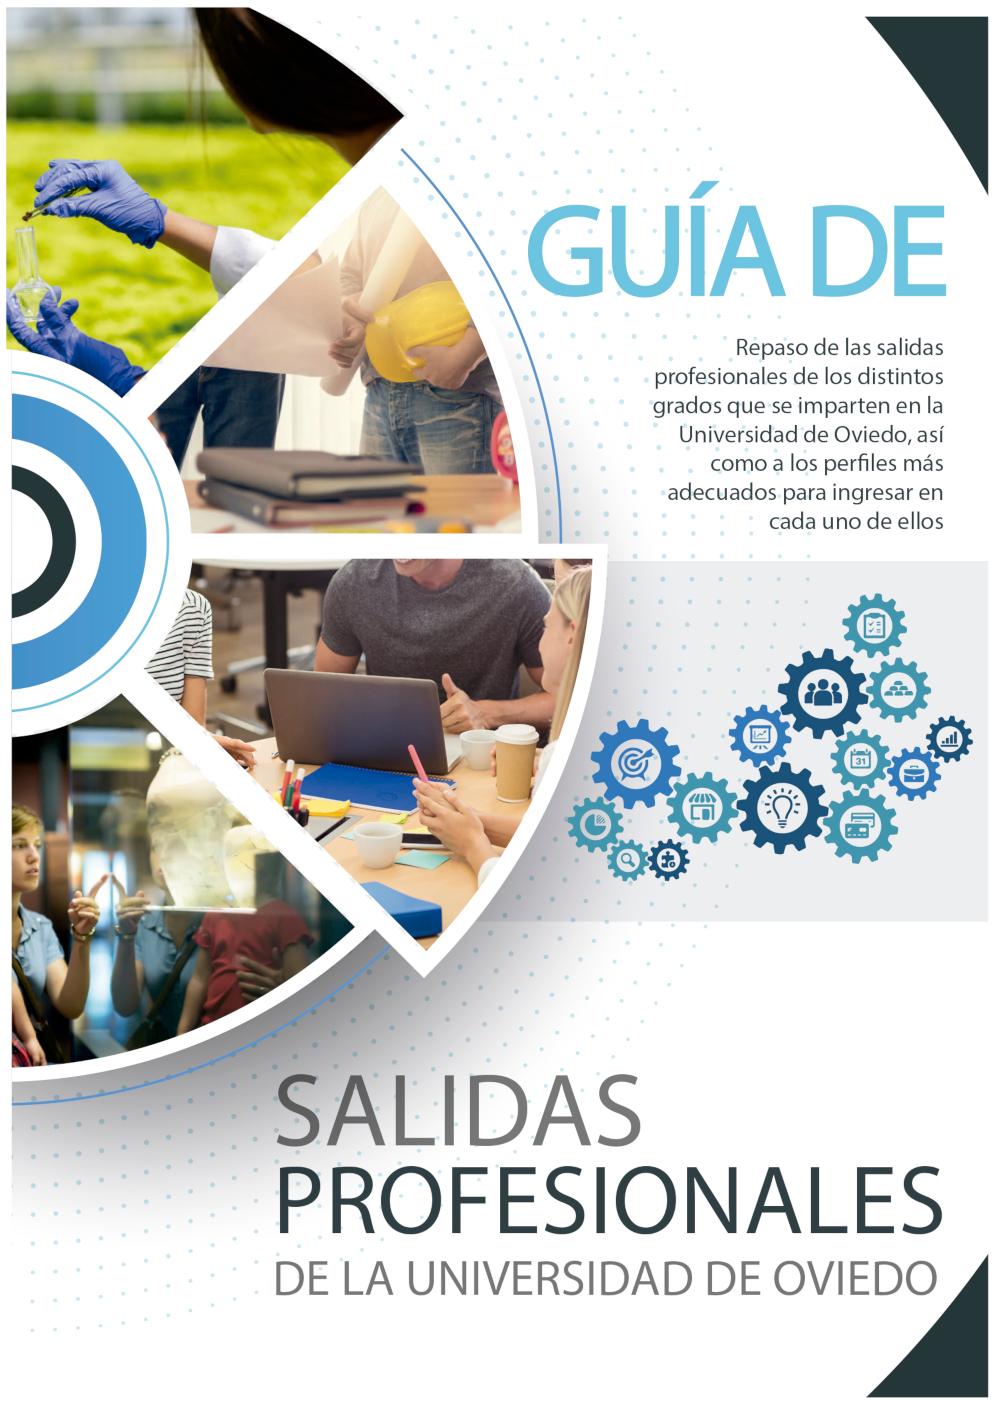 GUÍA DE SALIDAS PROFESIONALES